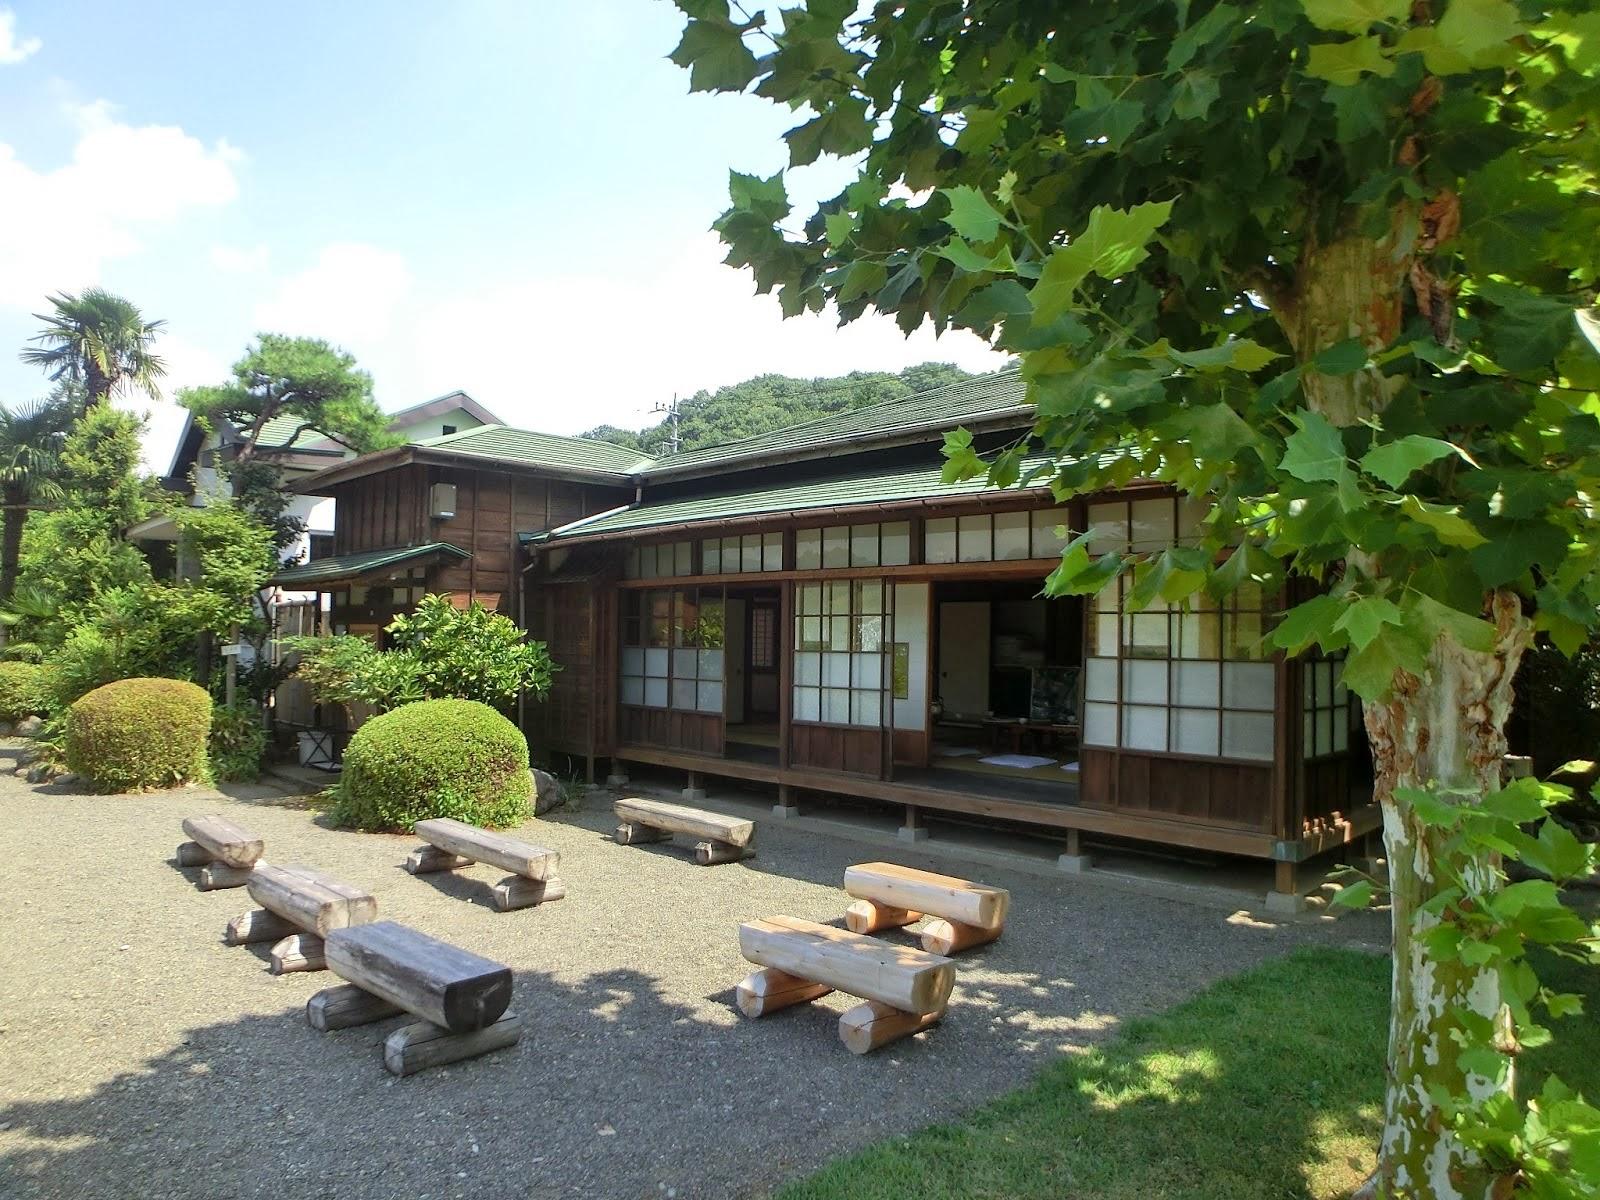 rumah tradisional jepang 1 - 8 Tips Desain Rumah Ala Jepang yang Bikin Suasana Jadi Tentram